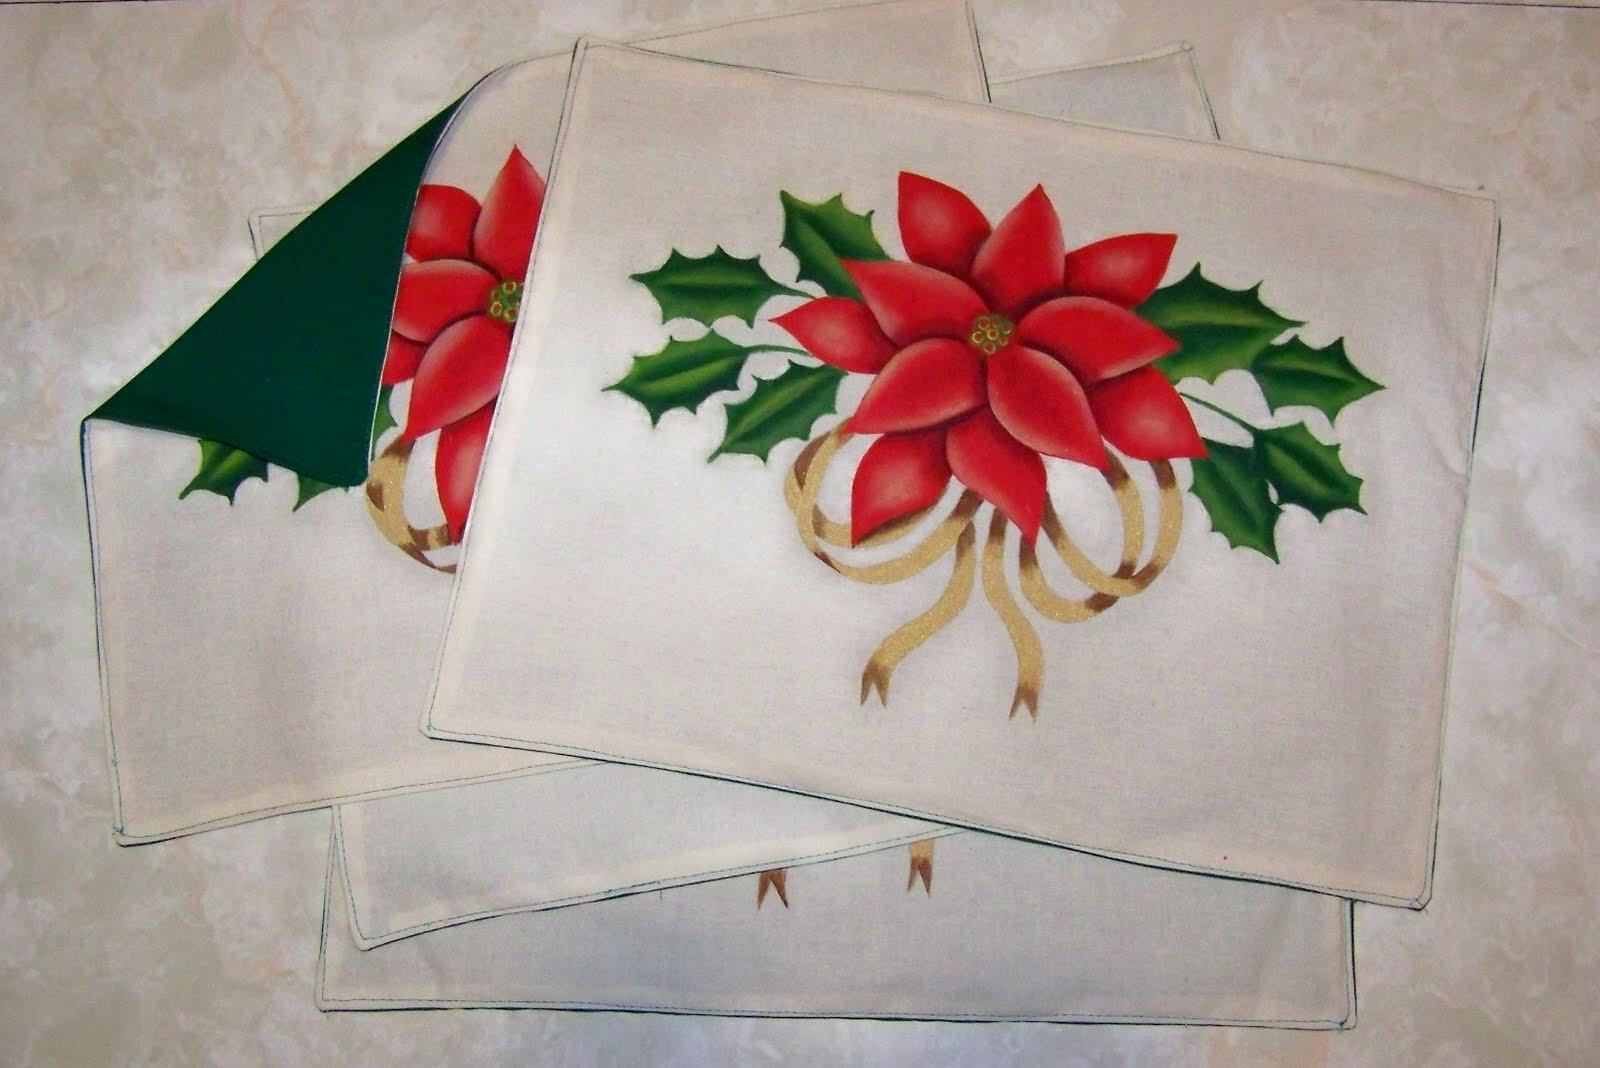 Bienvendidos manteles navide os - Manteles navidenos ...